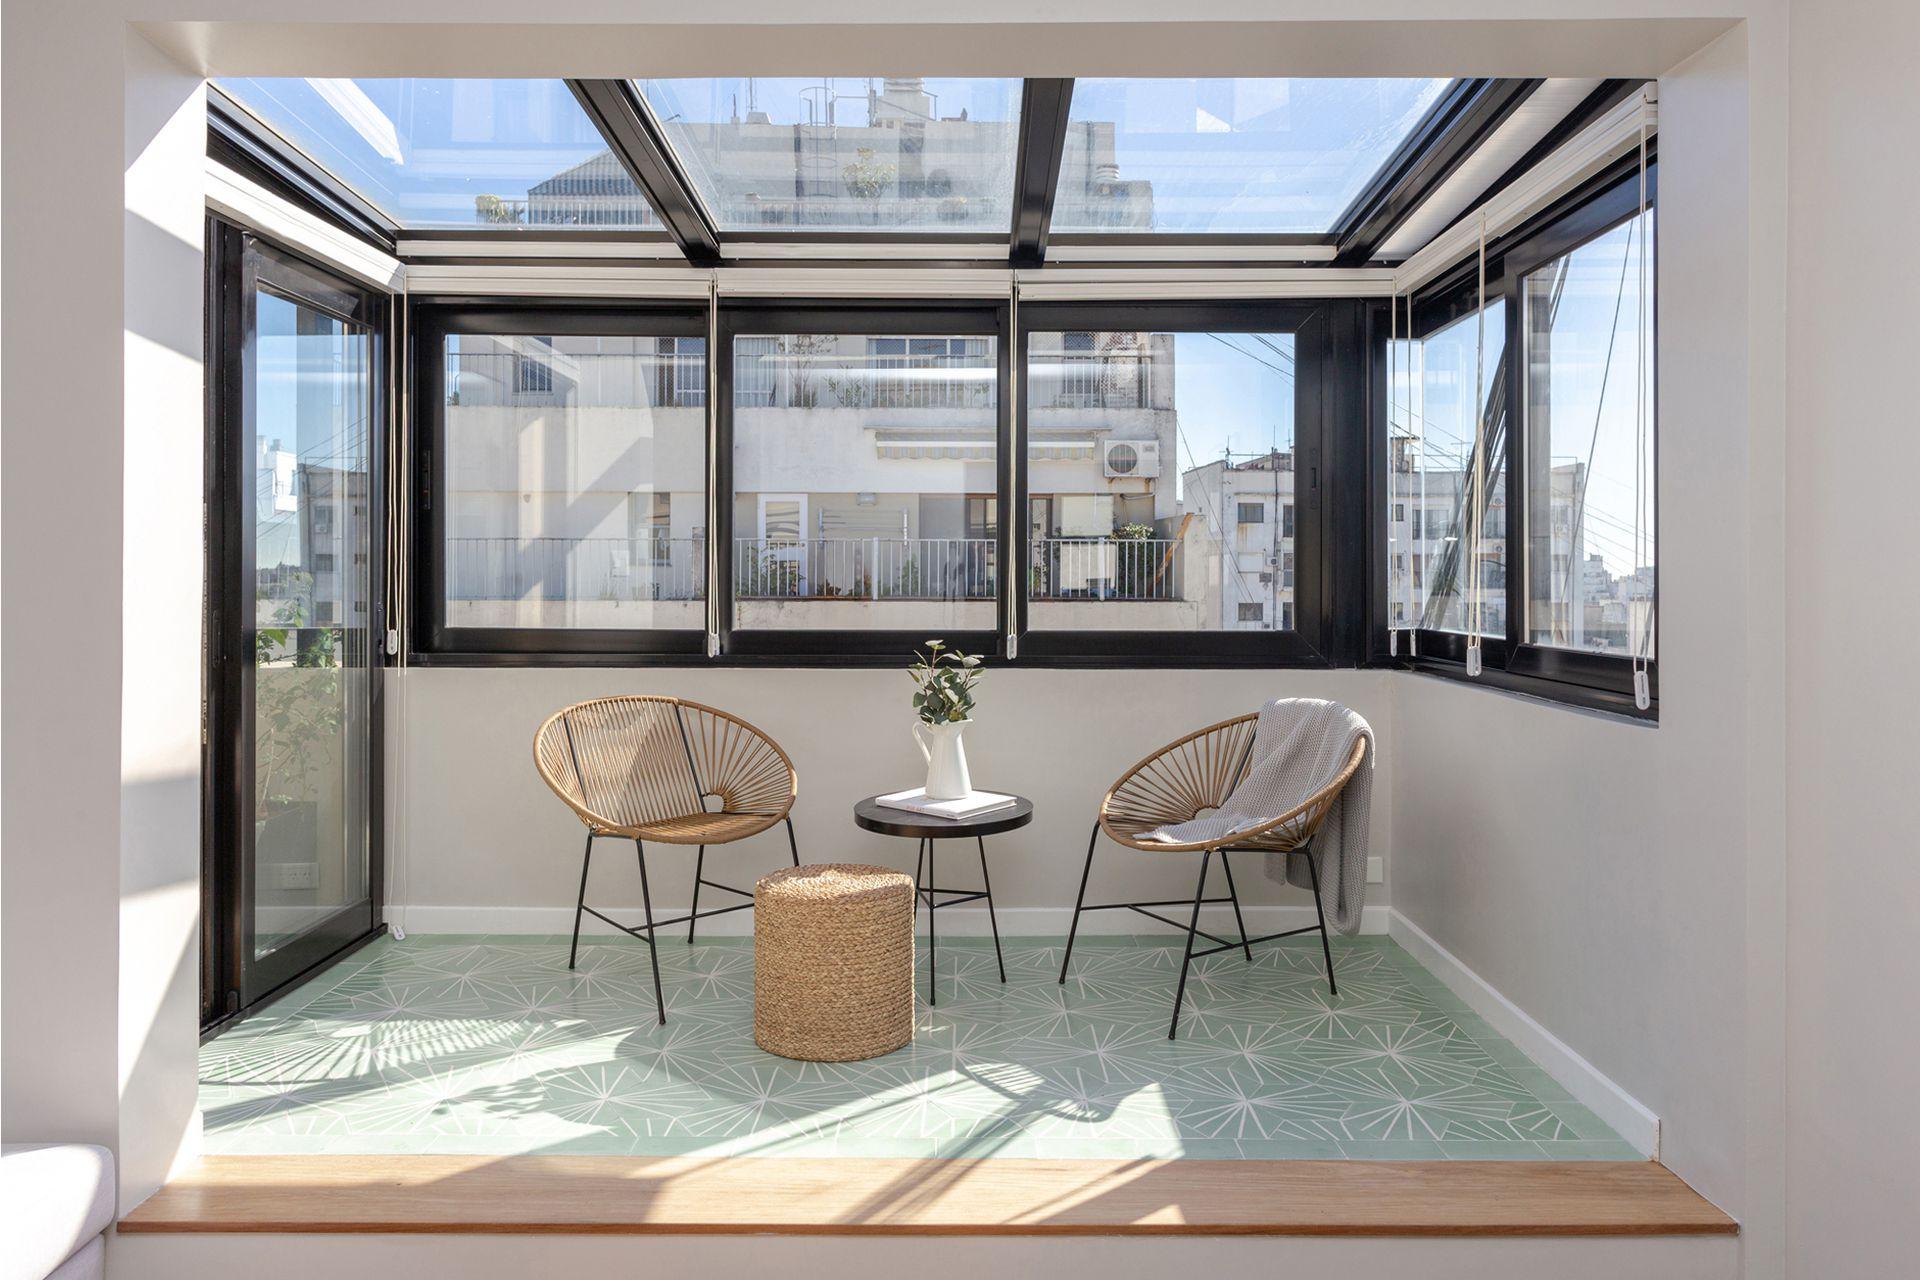 Se estiraron los 60m2 cubiertos de un piso 13 abriéndolos a la terraza para ganar metros y luz. Carpinterías de aluminio y DVH (Alumdesign), cortinas 'Duette' Sunscreen (Hunter Douglas), piso calcáreo (Terra Calcáreos).